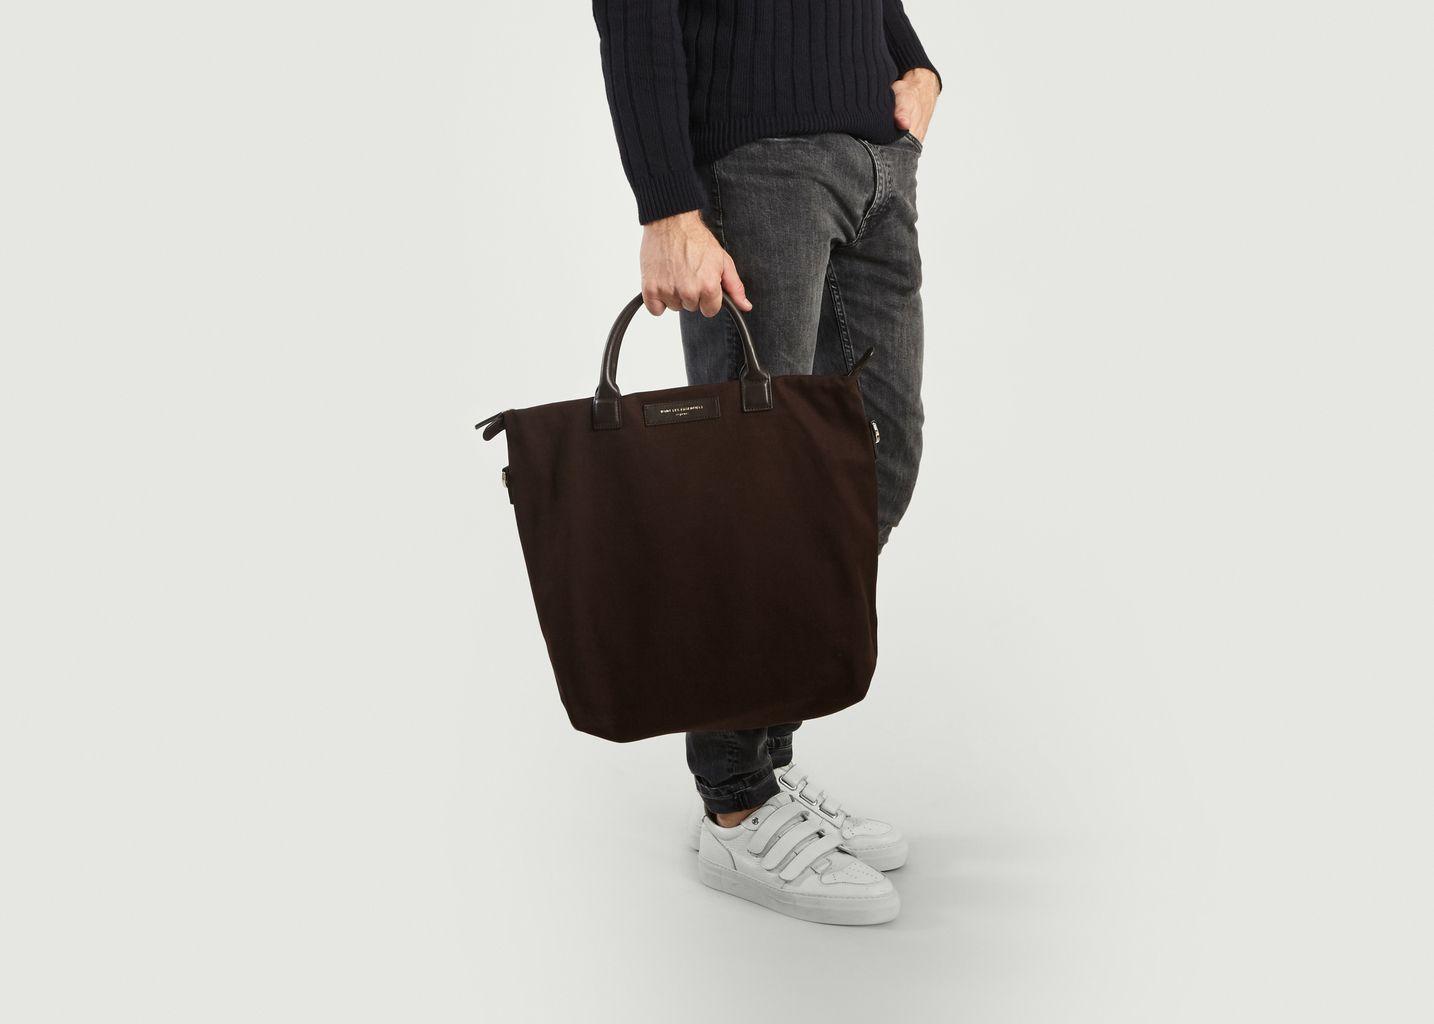 O'Hare Shopper Tote Bag - Want Les Essentiels